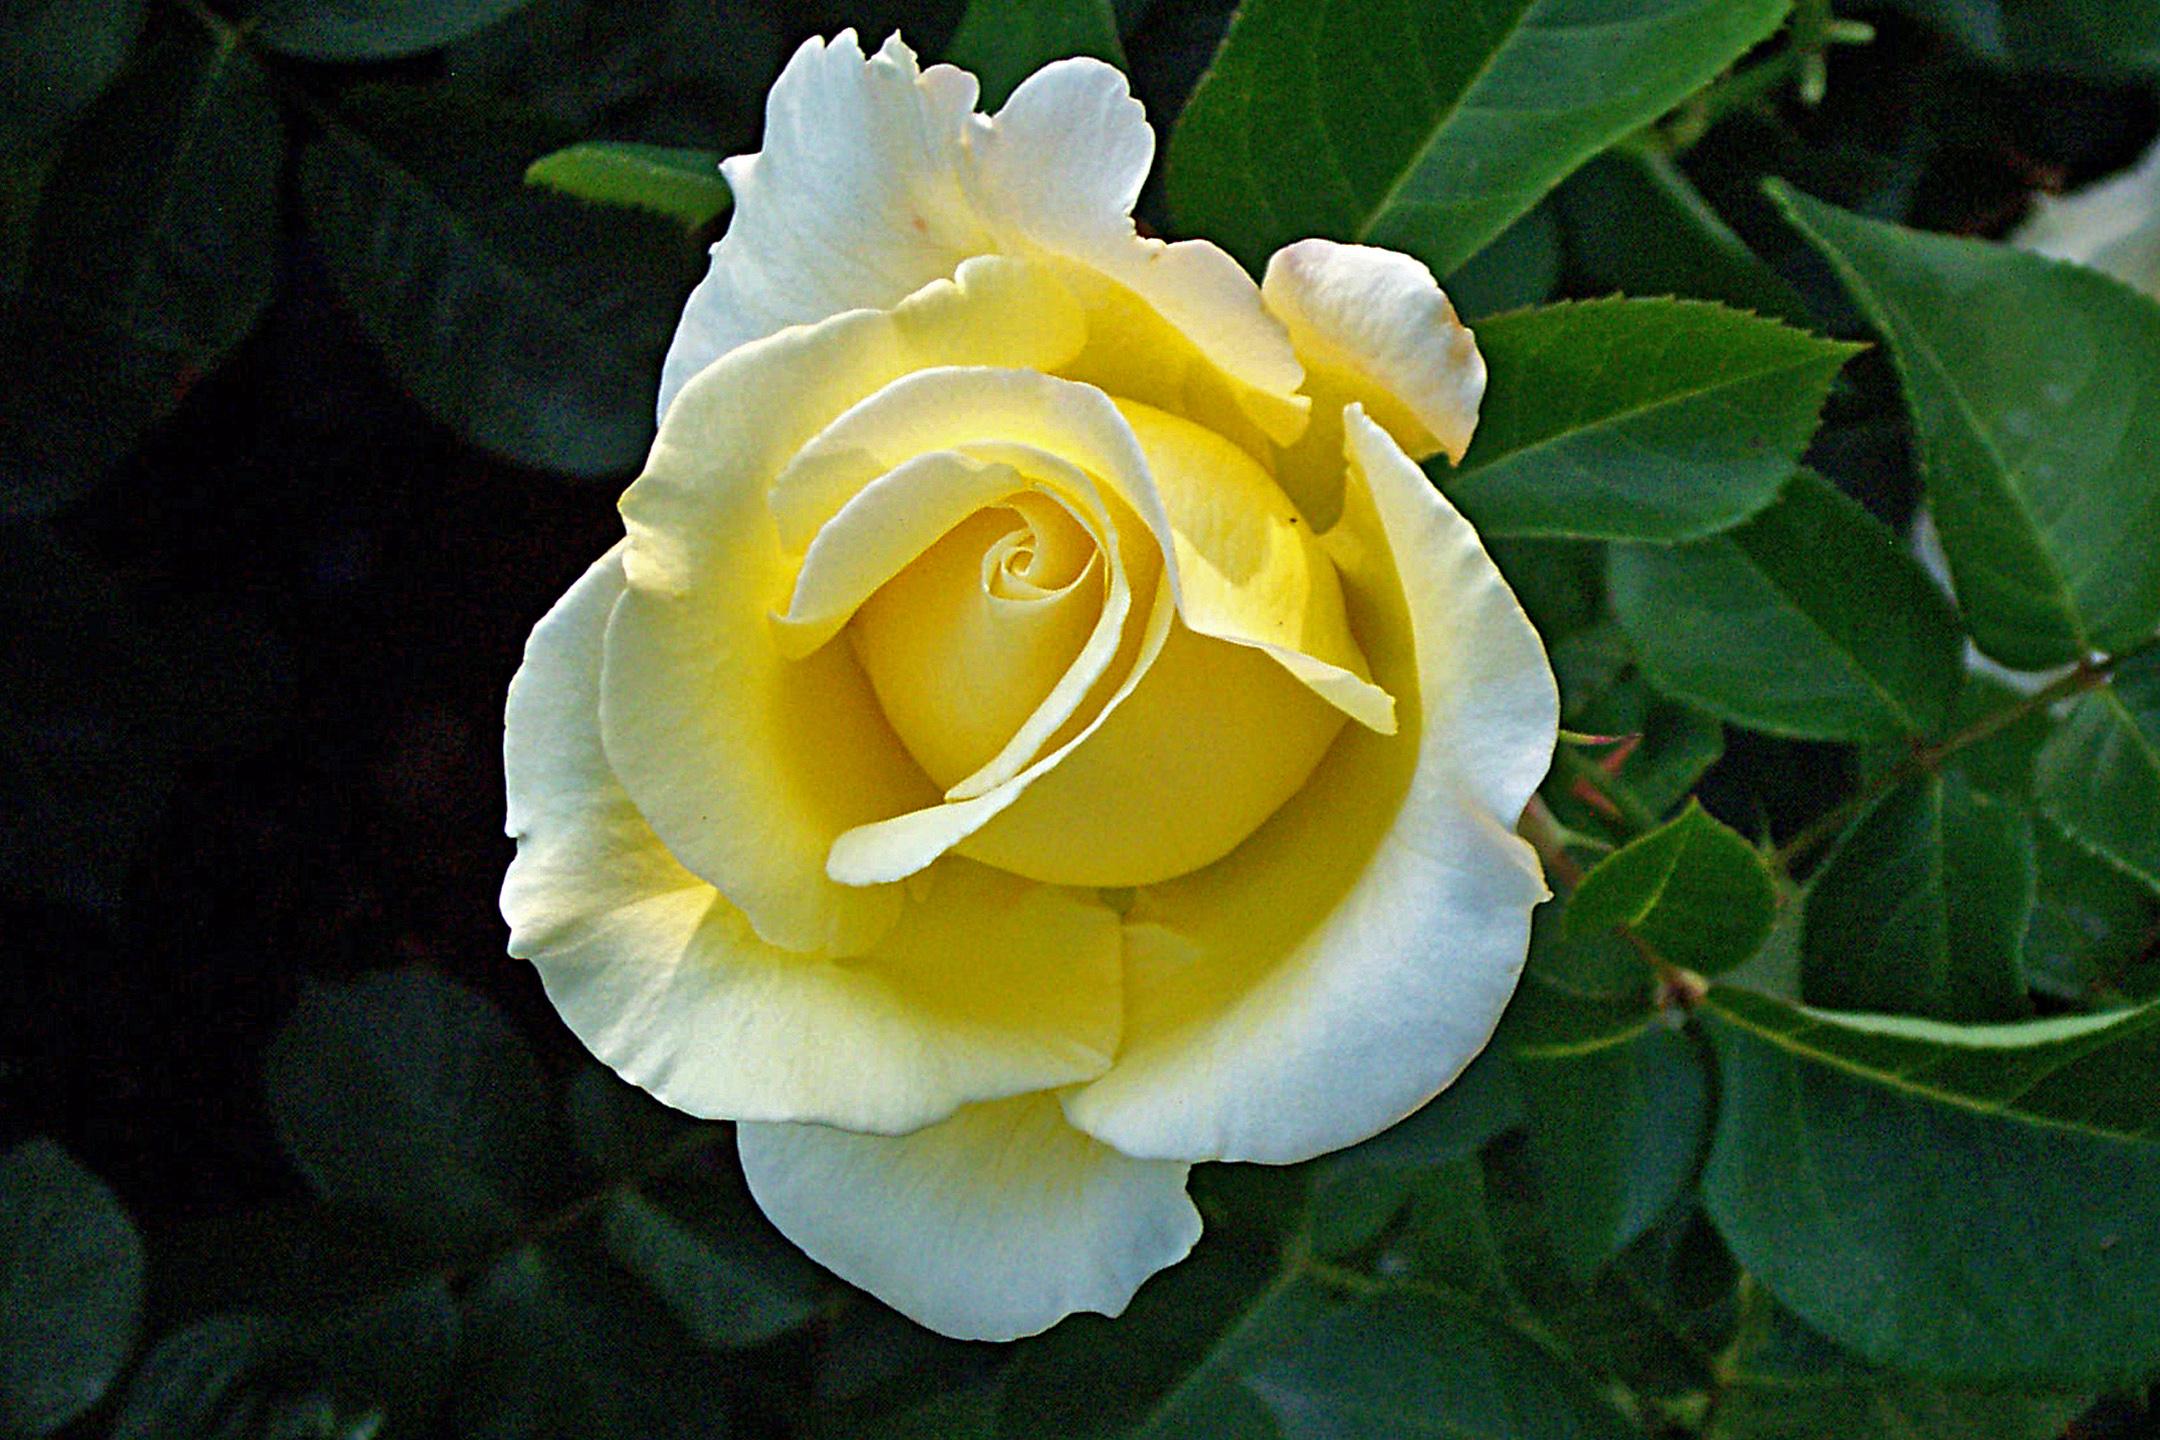 Fiori Gialli Gardenia.Immagini Belle Fiore Famiglia Di Rosa Giallo Floribunda